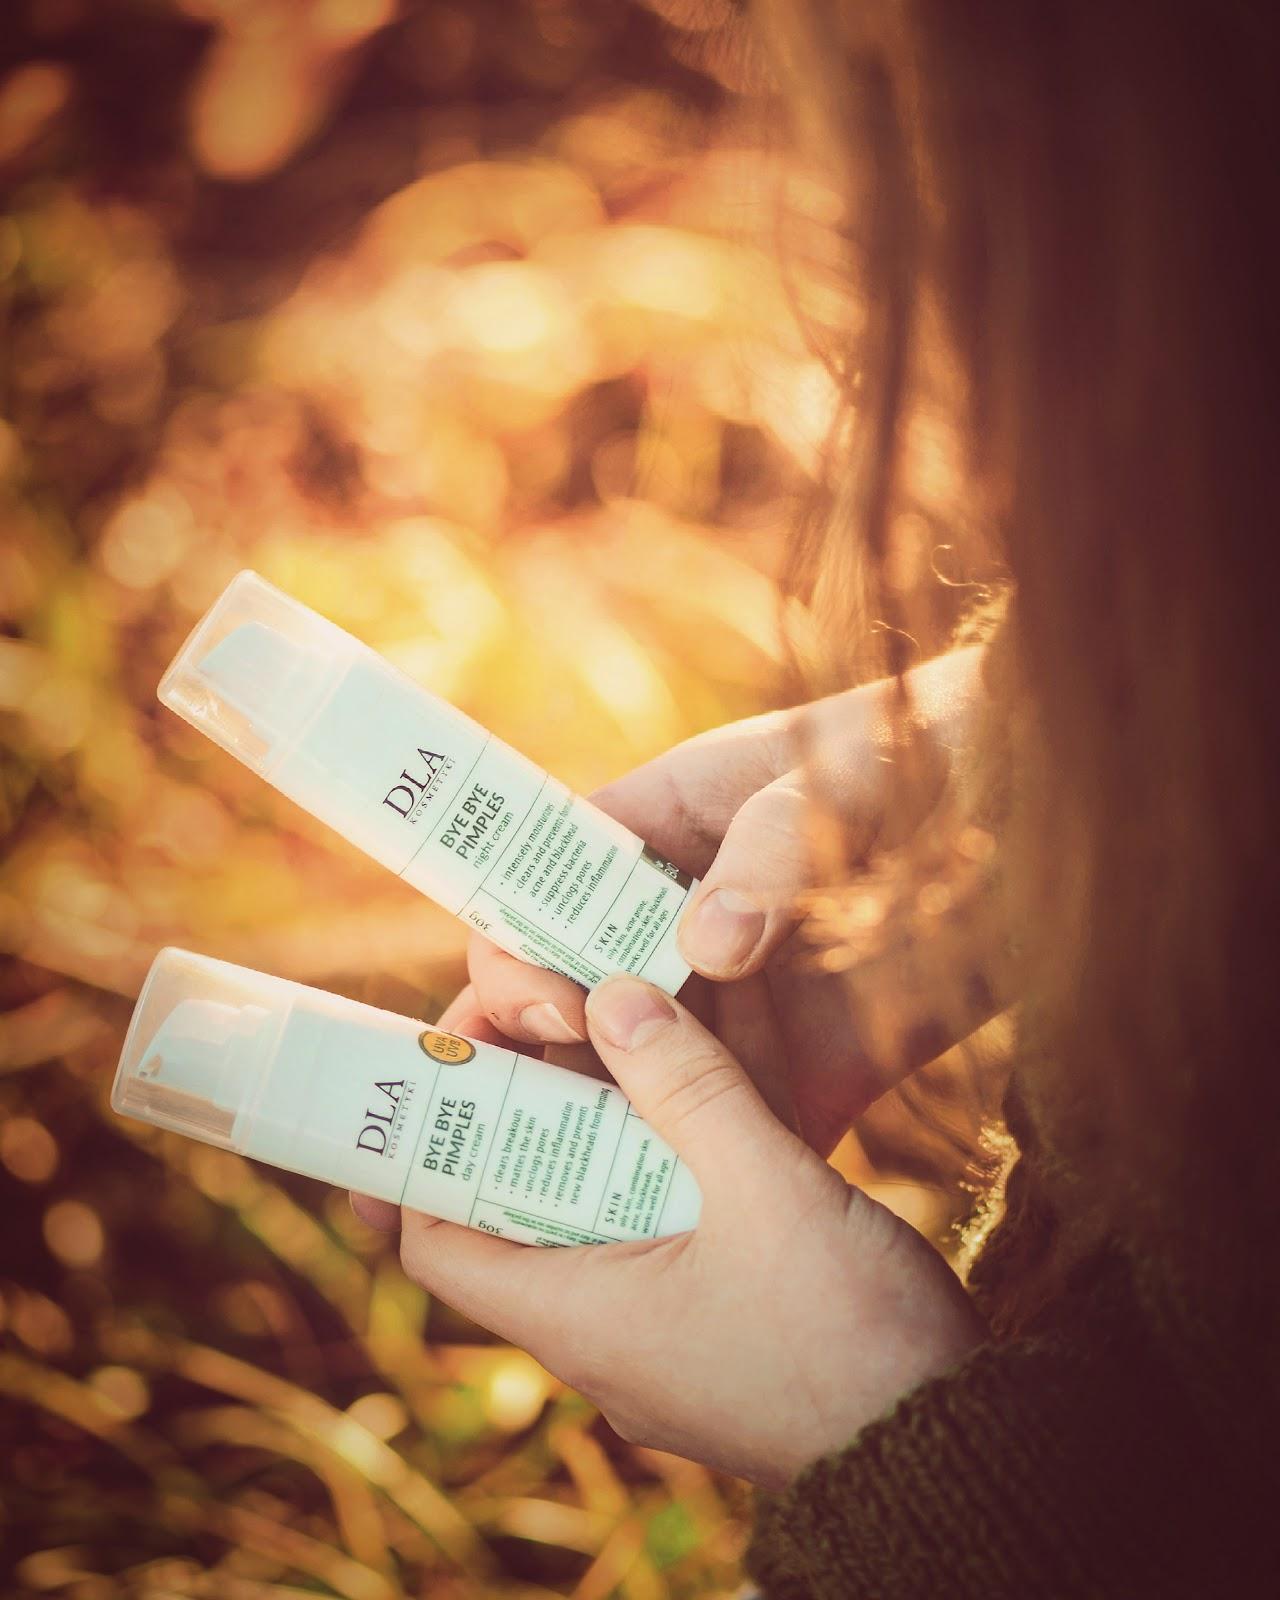 kosmetyki dla krem na pryszcze nsizcz pryszcz lekki krem na trądzik kuracja przeciwtrądzikowa jaki krem na zmiany skórne zioła na trądzik